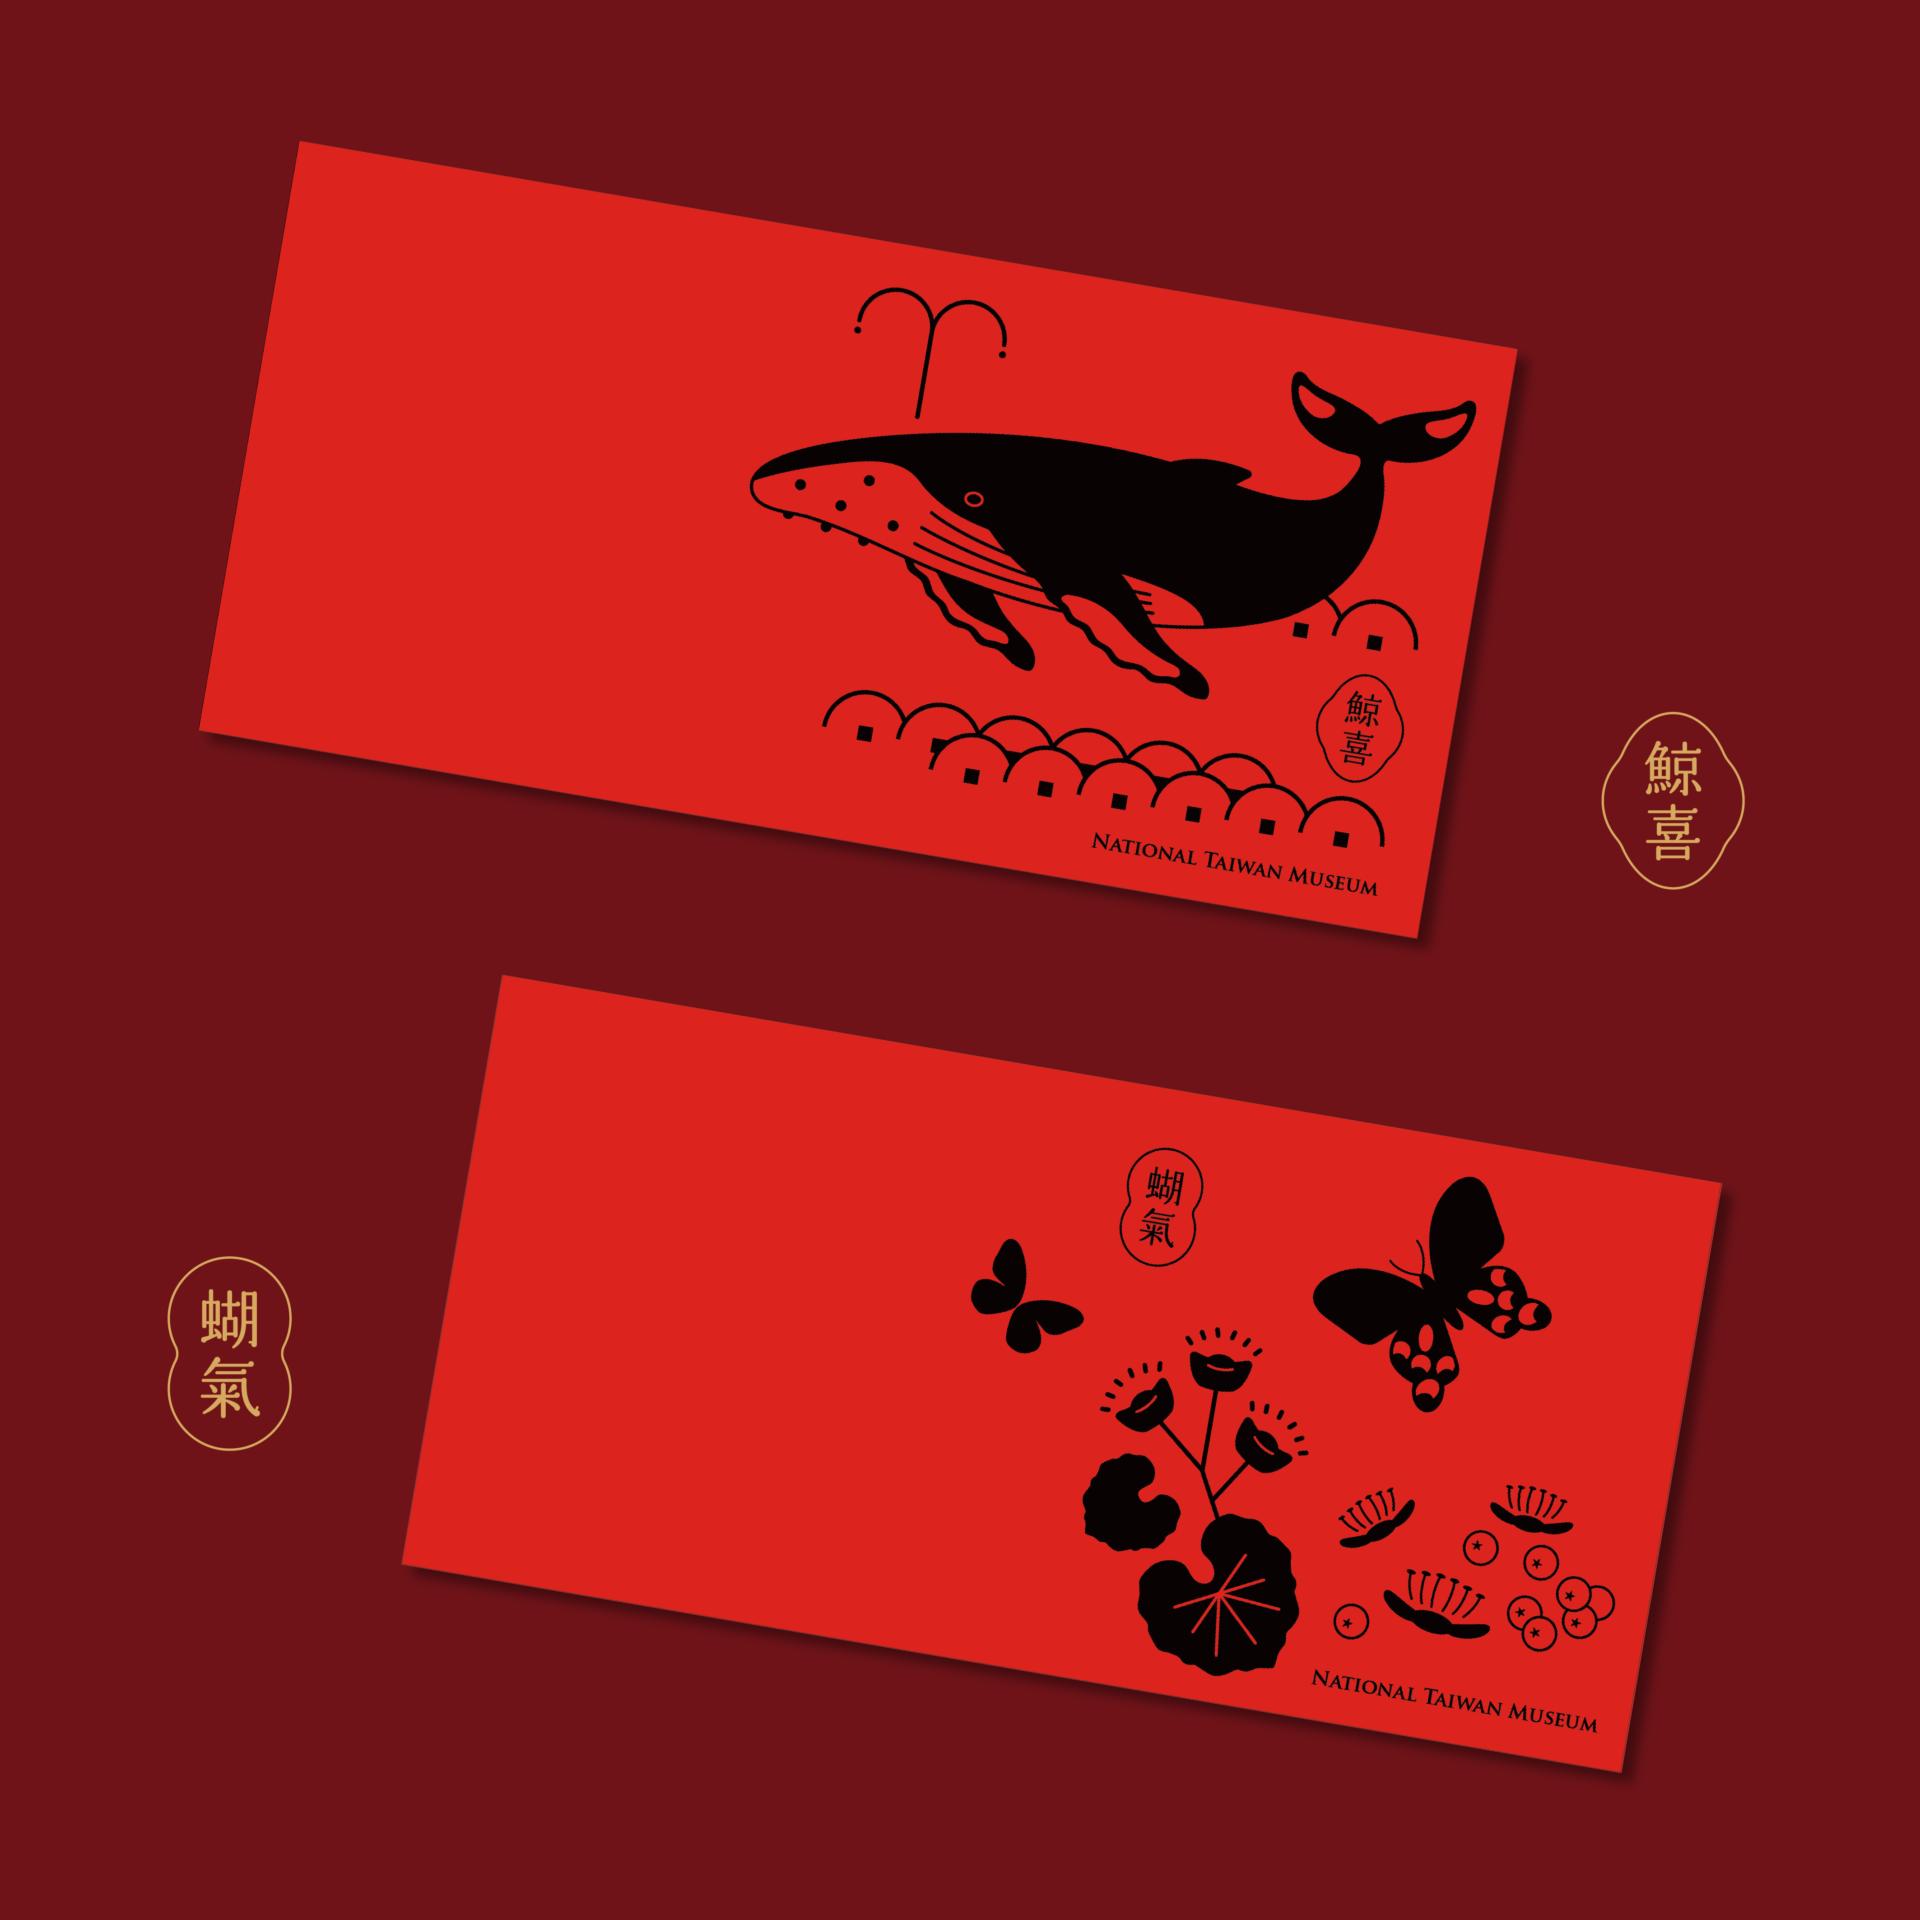 國立臺灣博物館:2021/2/6【福氣袋著走-紅包袋凸版印刷體驗】